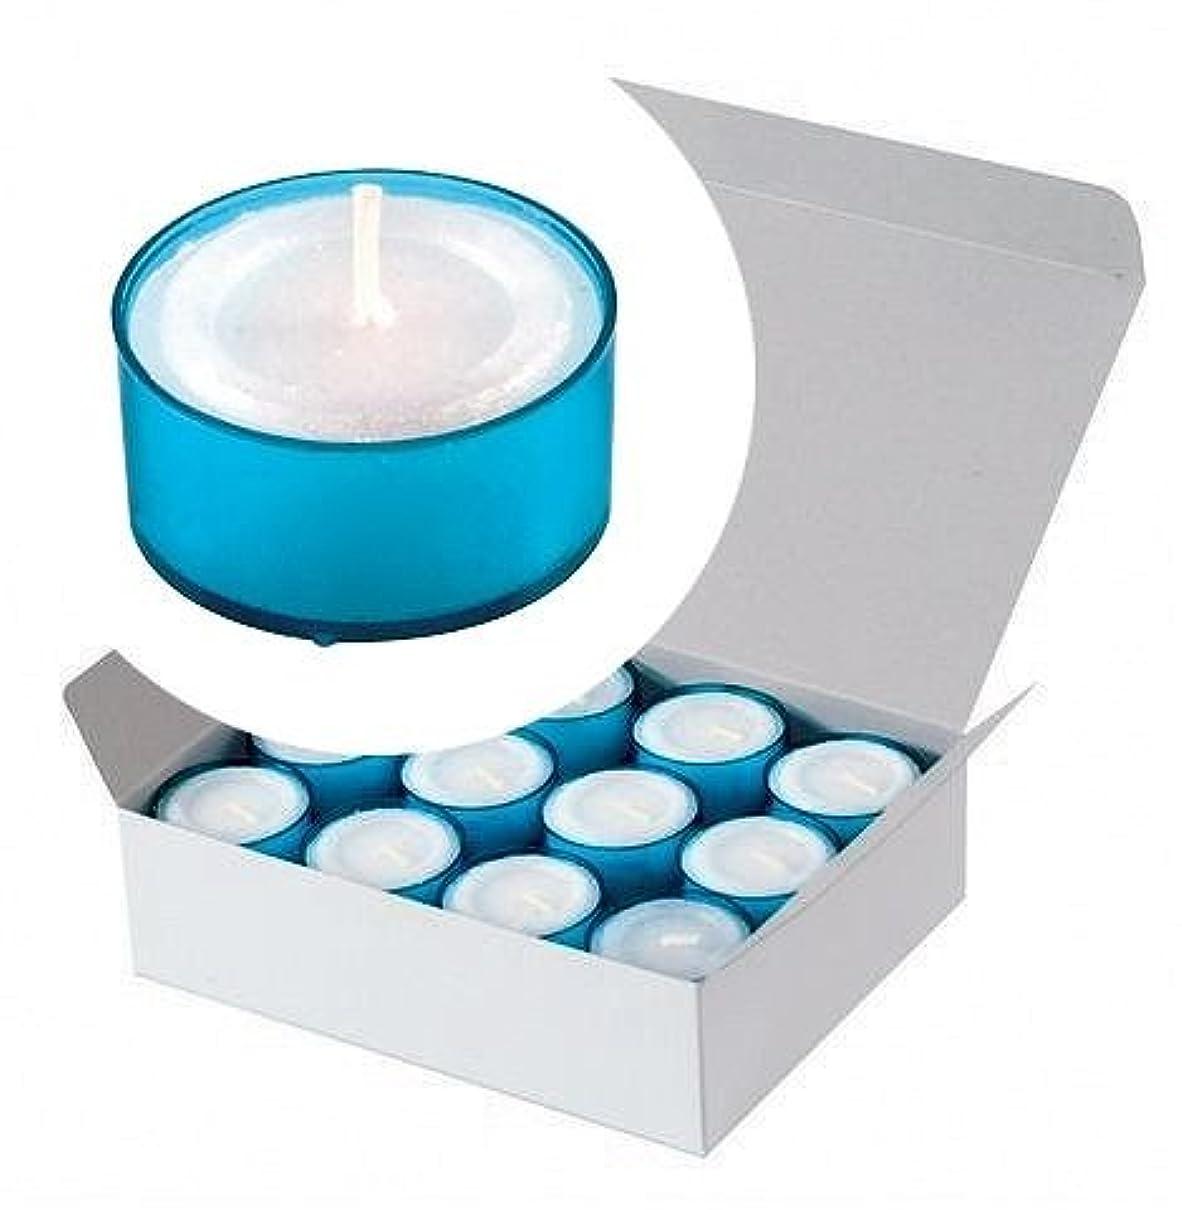 ピアースハッチ努力カメヤマキャンドル(kameyama candle) カラークリアカップティーライト24個入り 「 ブルー 」